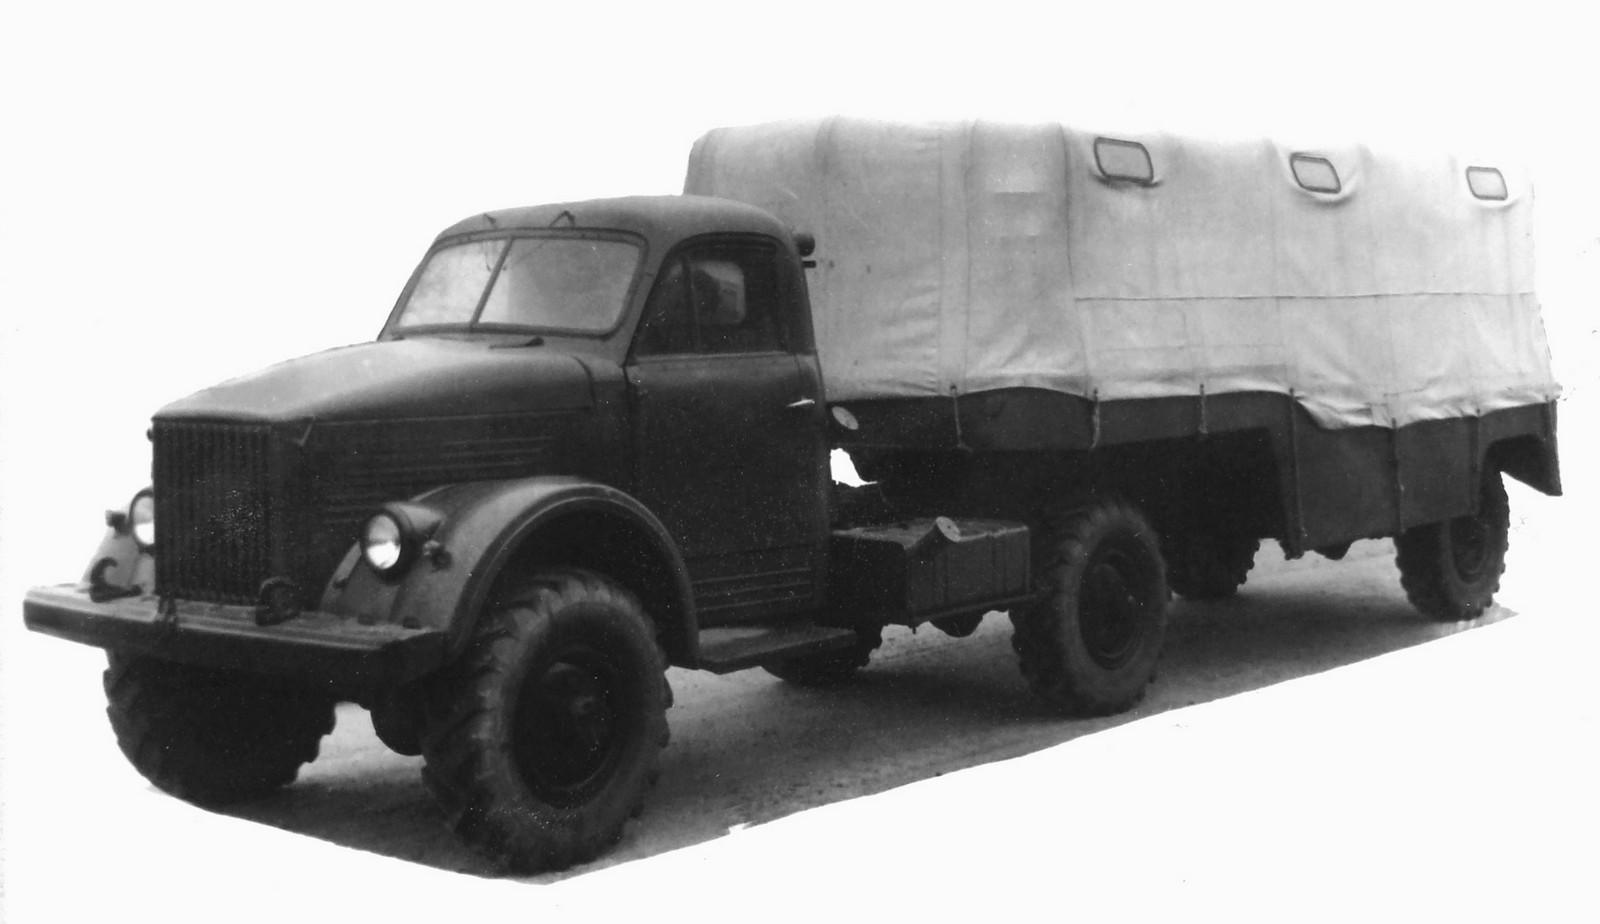 Седельный тягач ГАЗ-63Д с активным четырехтонным полуприцепом ГАЗ-745 (из архива НИИЦ АТ)